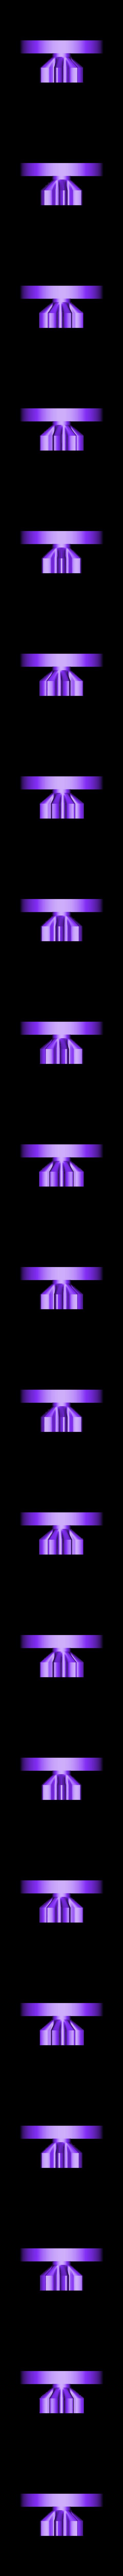 TURNING KNOB (x1).stl Télécharger fichier STL gratuit Distributeur à dentifrice • Design imprimable en 3D, Anthony_SA